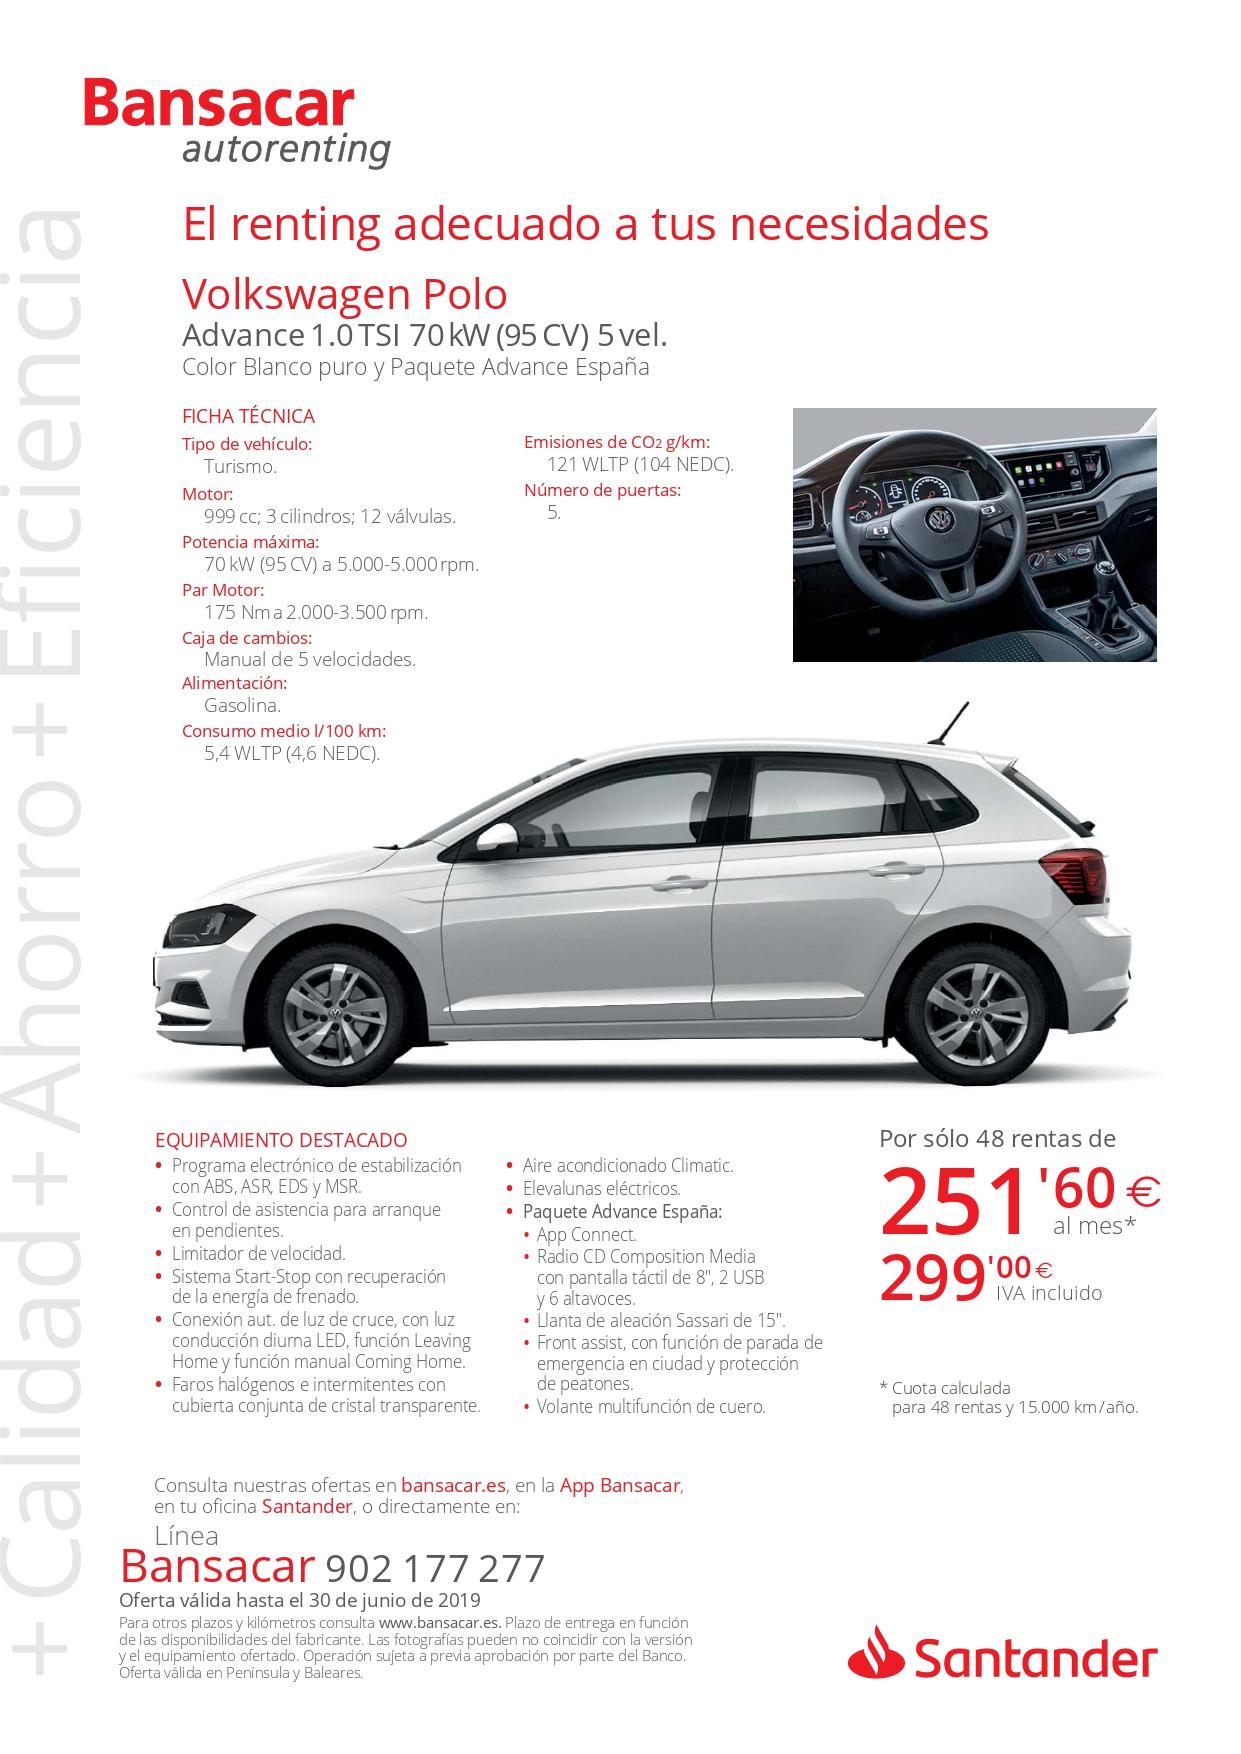 BOCETO PDF Campaña Bansacar VOLKSWAGEN POLO Advance 1.0TSI 95CV 5vel. Pi... page 0002 - Ofertas